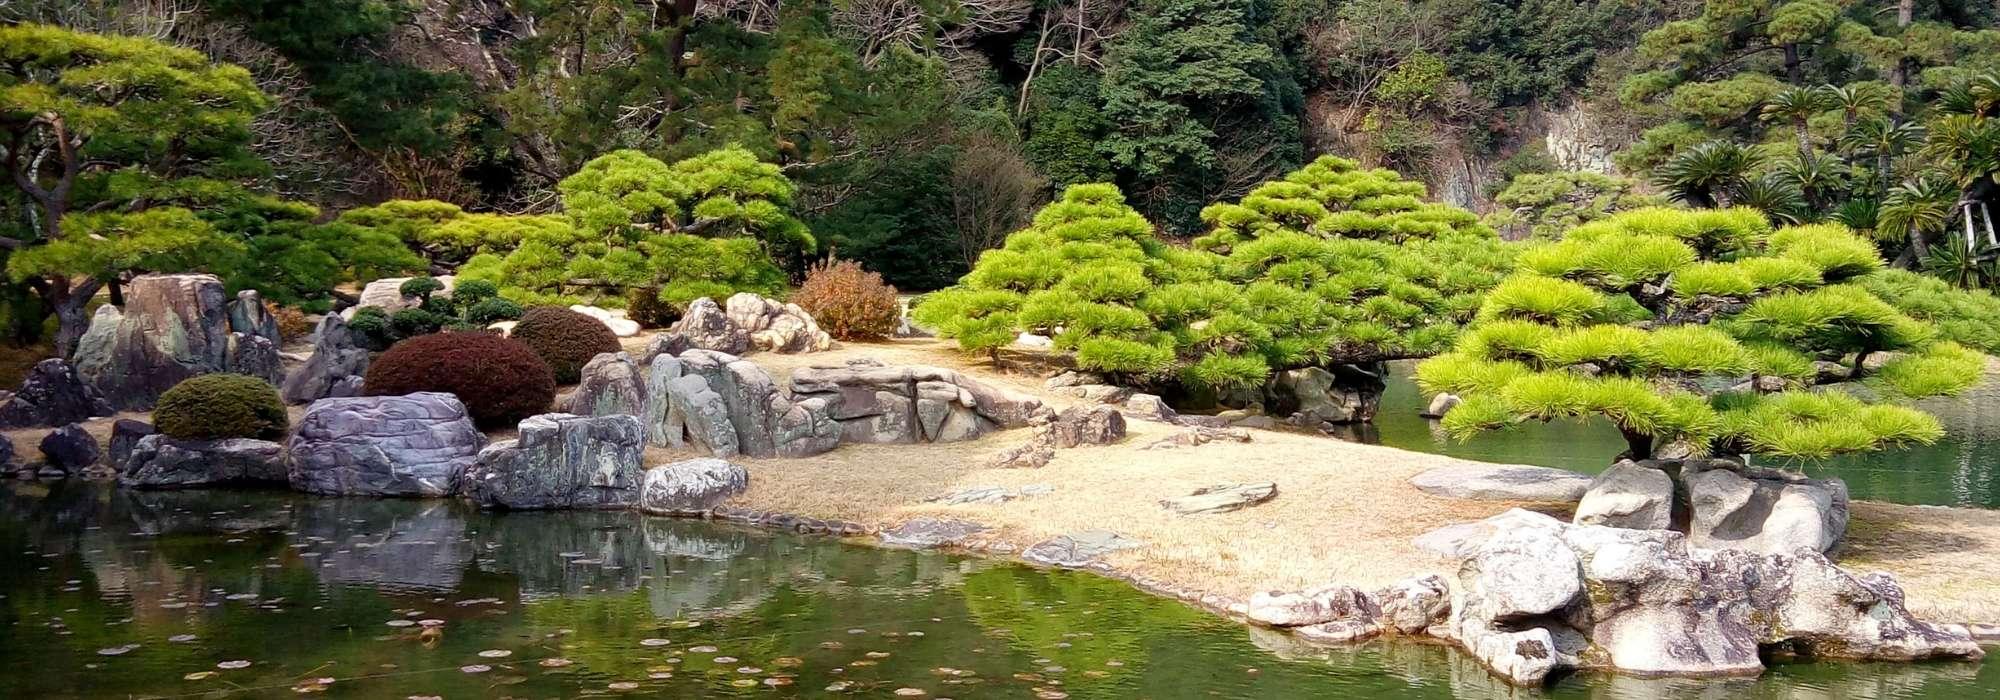 creer un jardin japonais ou jardin zen